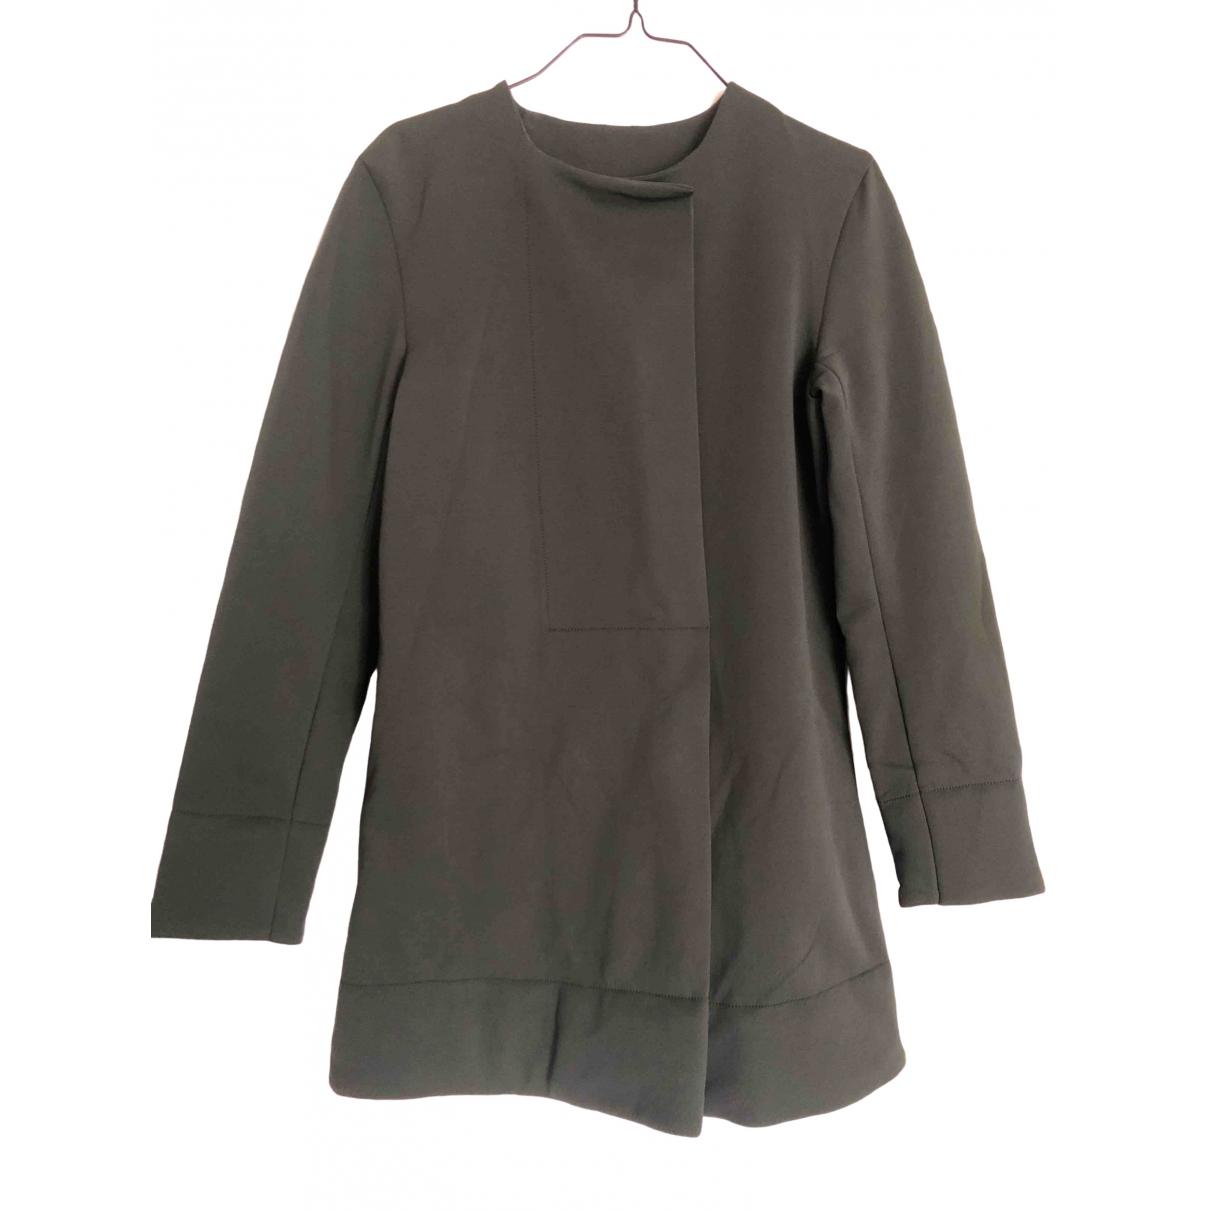 Acne Studios \N Kleid in  Khaki Polyester